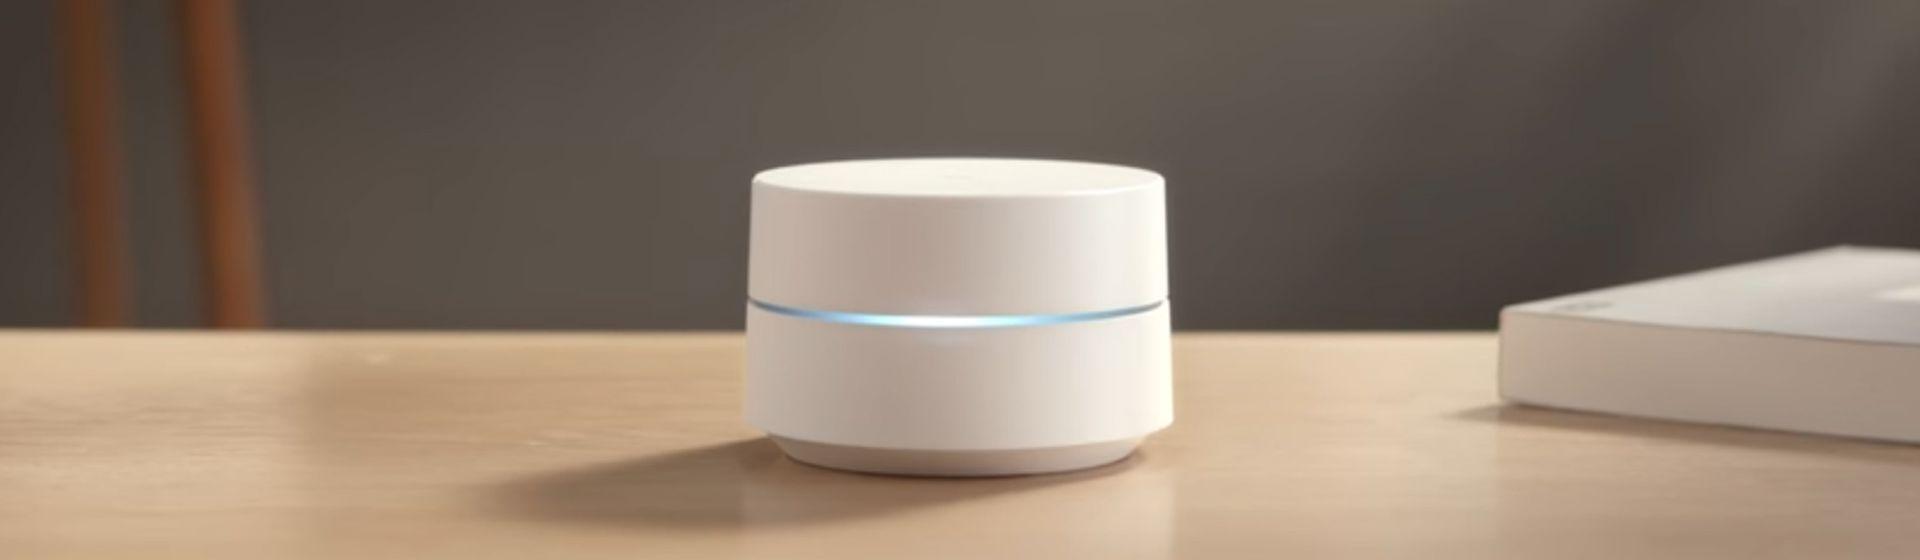 Google Wi-Fi, novo roteador com maior alcance é homologado pela Anatel